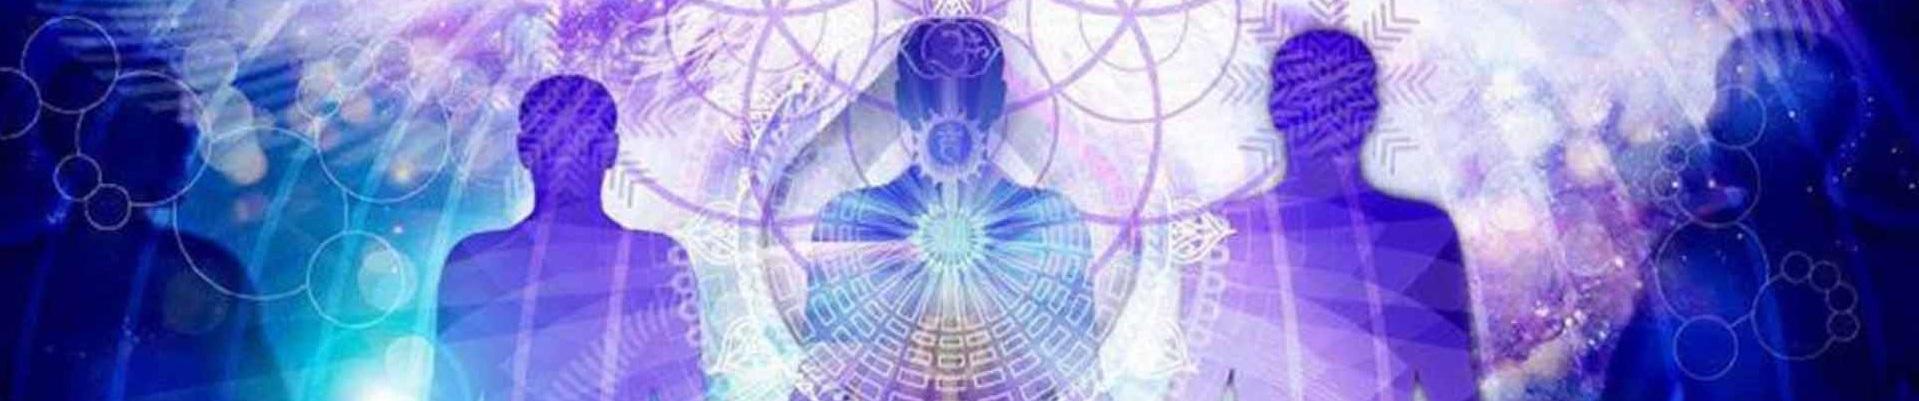 Méditation pour se connecter à l'énergie de vos ancêtres